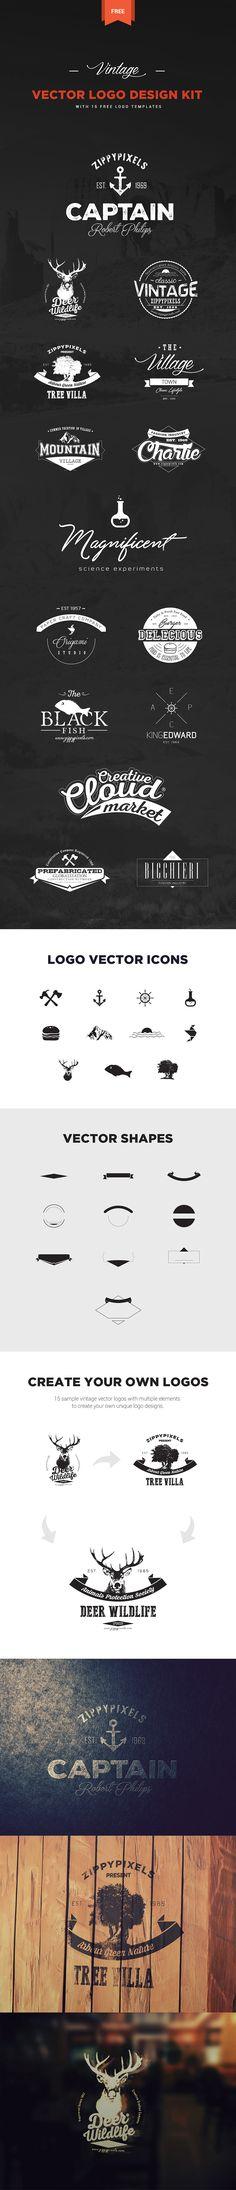 01-awesome-logo-design-kit.jpg (846×7852)